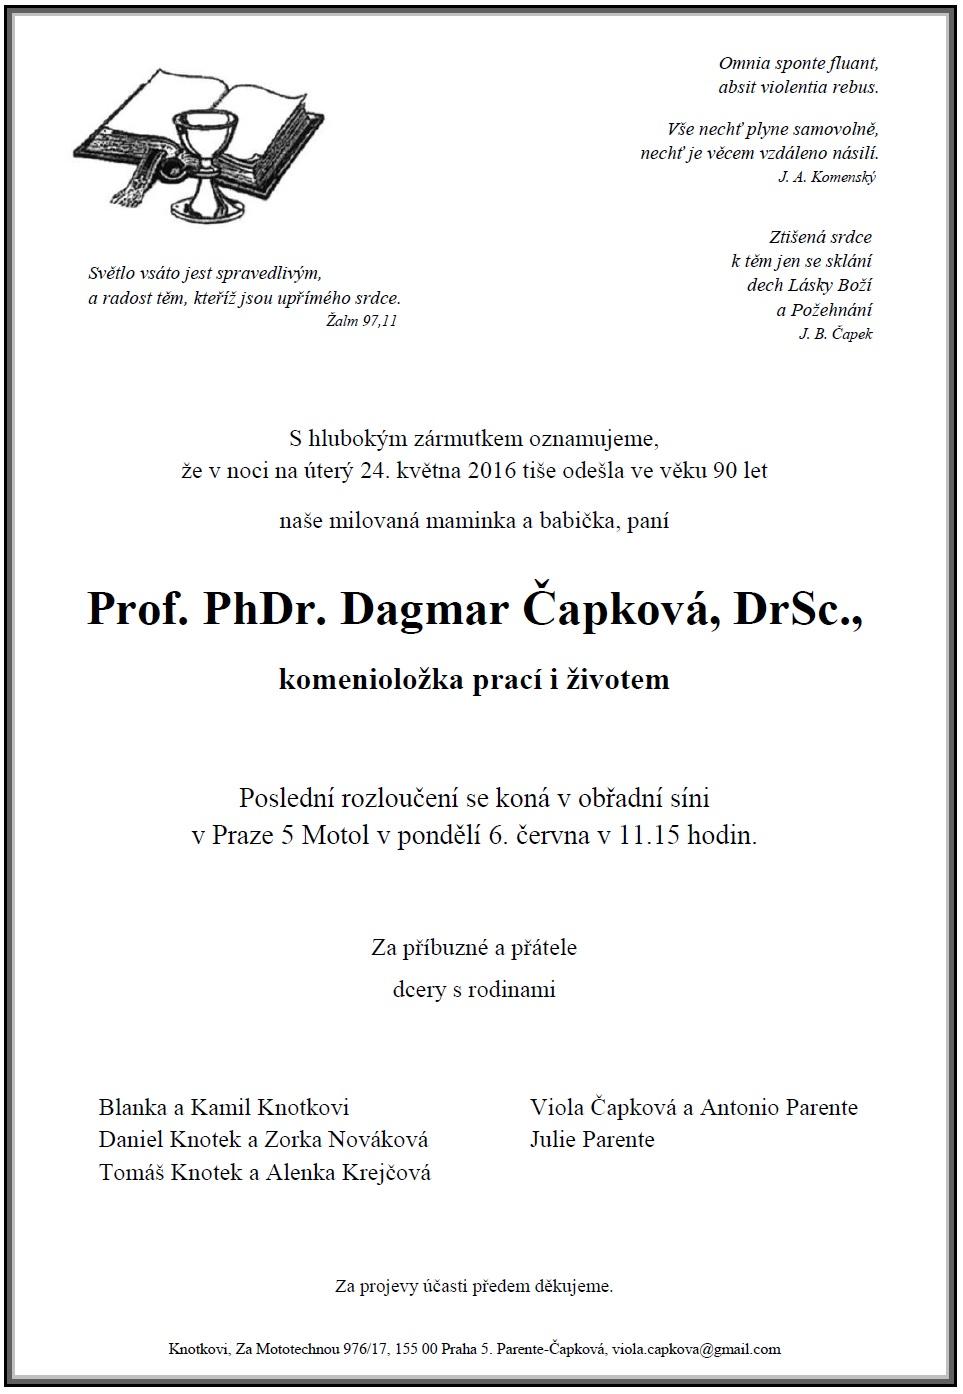 Funeral card of D. Čapková